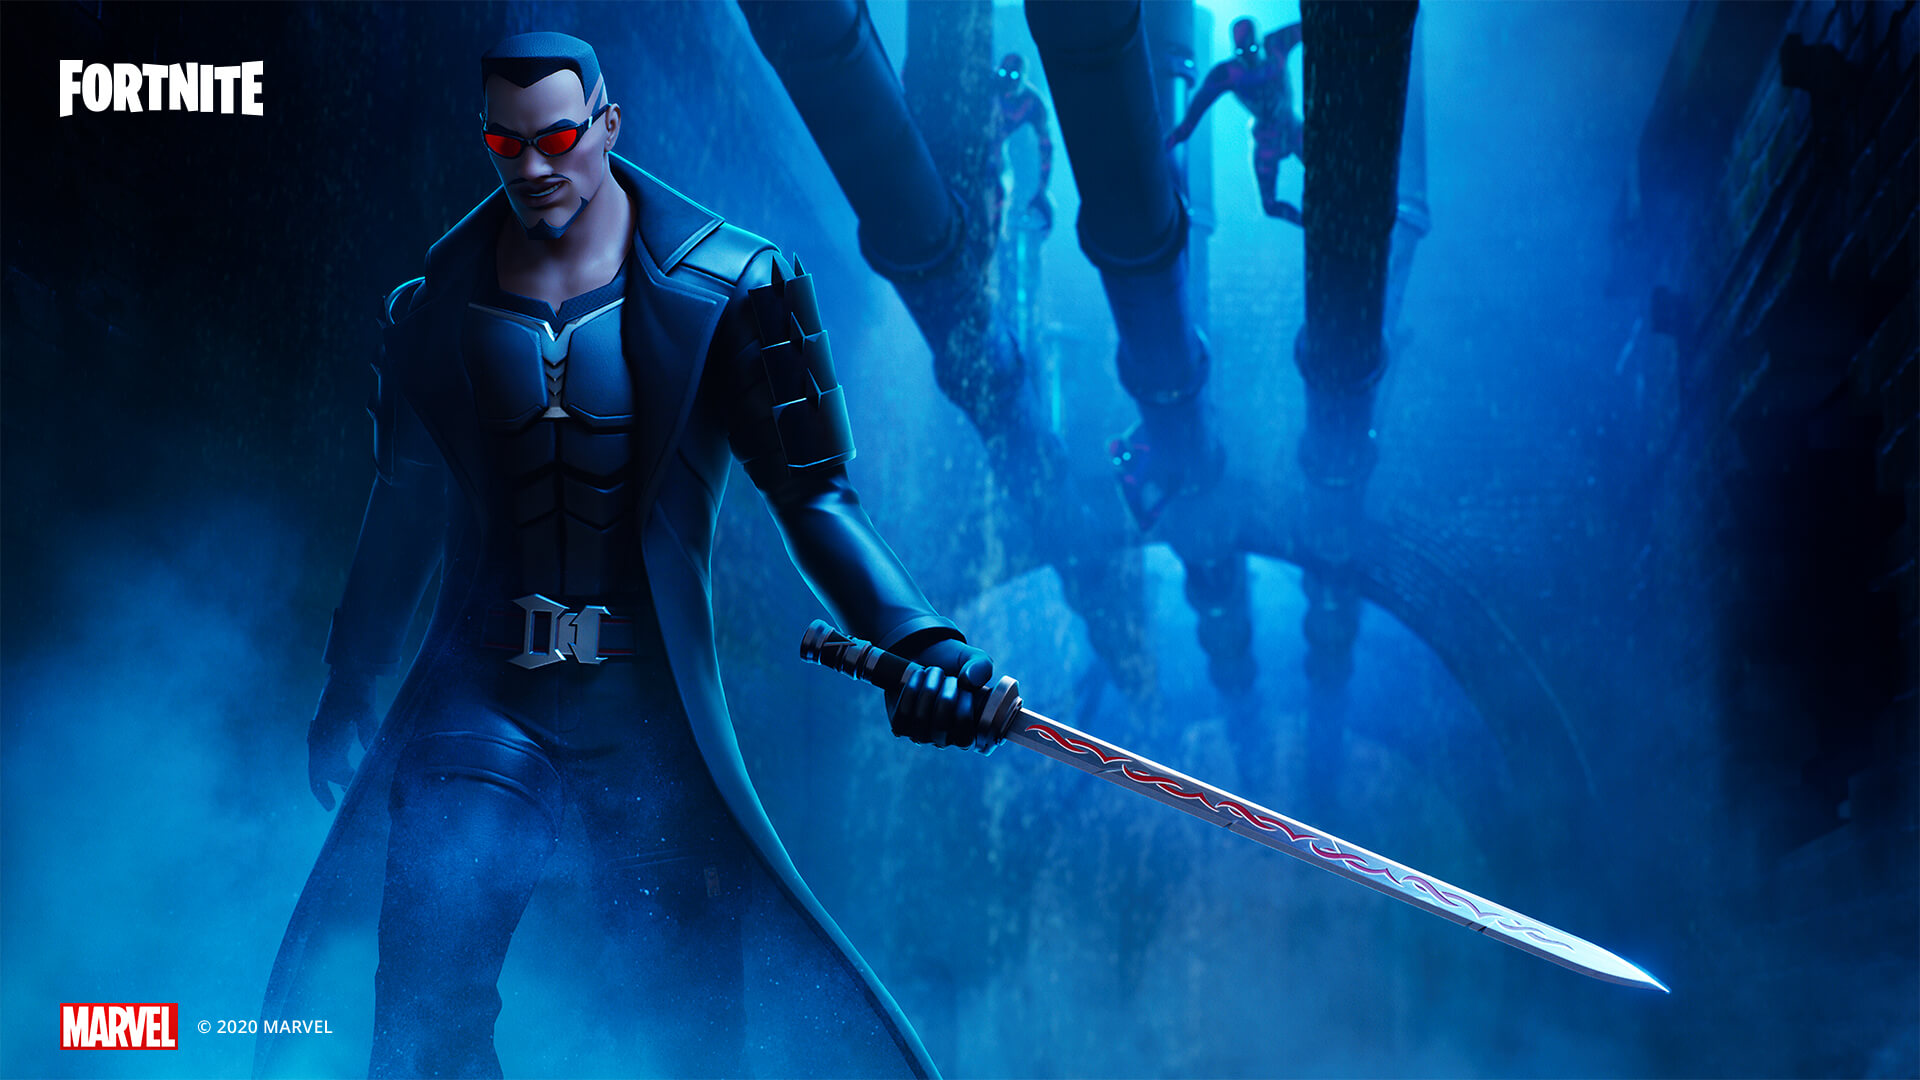 Blade The Daywalker In Fortnite Jpg